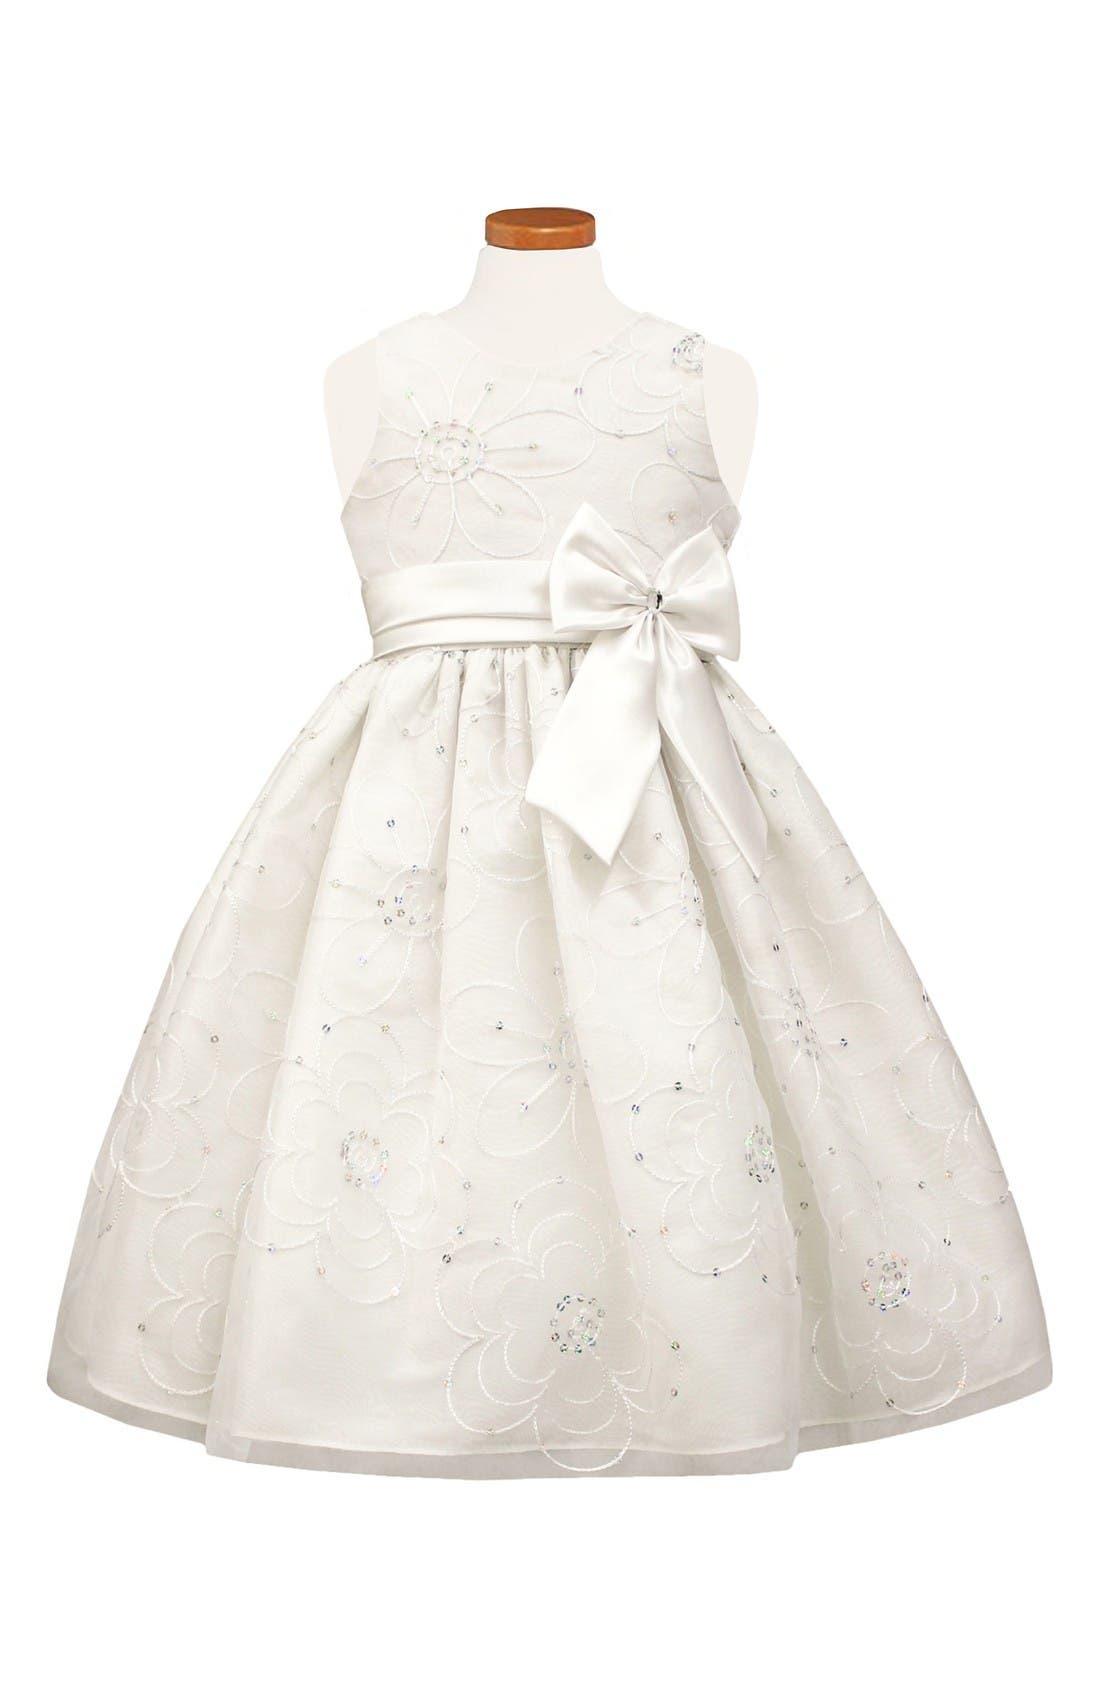 Main Image - Sorbet Floral Satin Fit & Flare Dress (Toddler Girls, Little Girls & Big Girls)